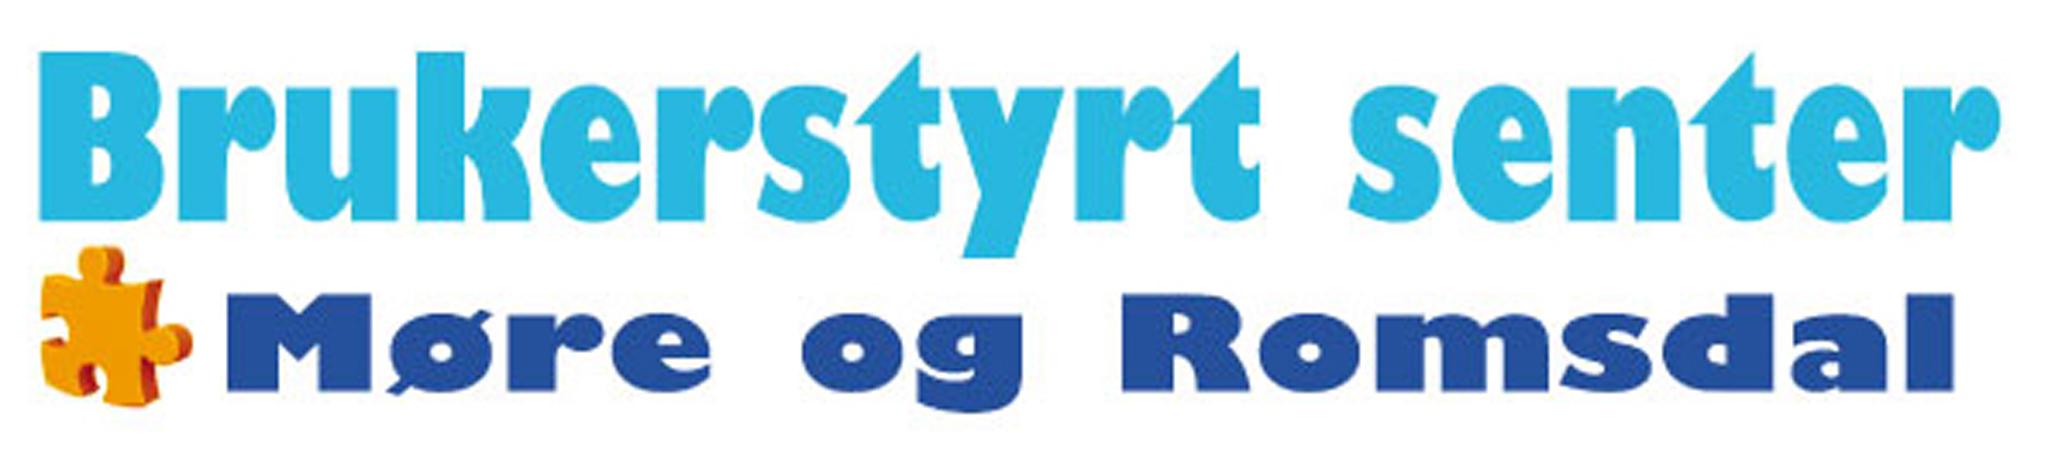 Brukerstyrt senter Møre og Romsdal